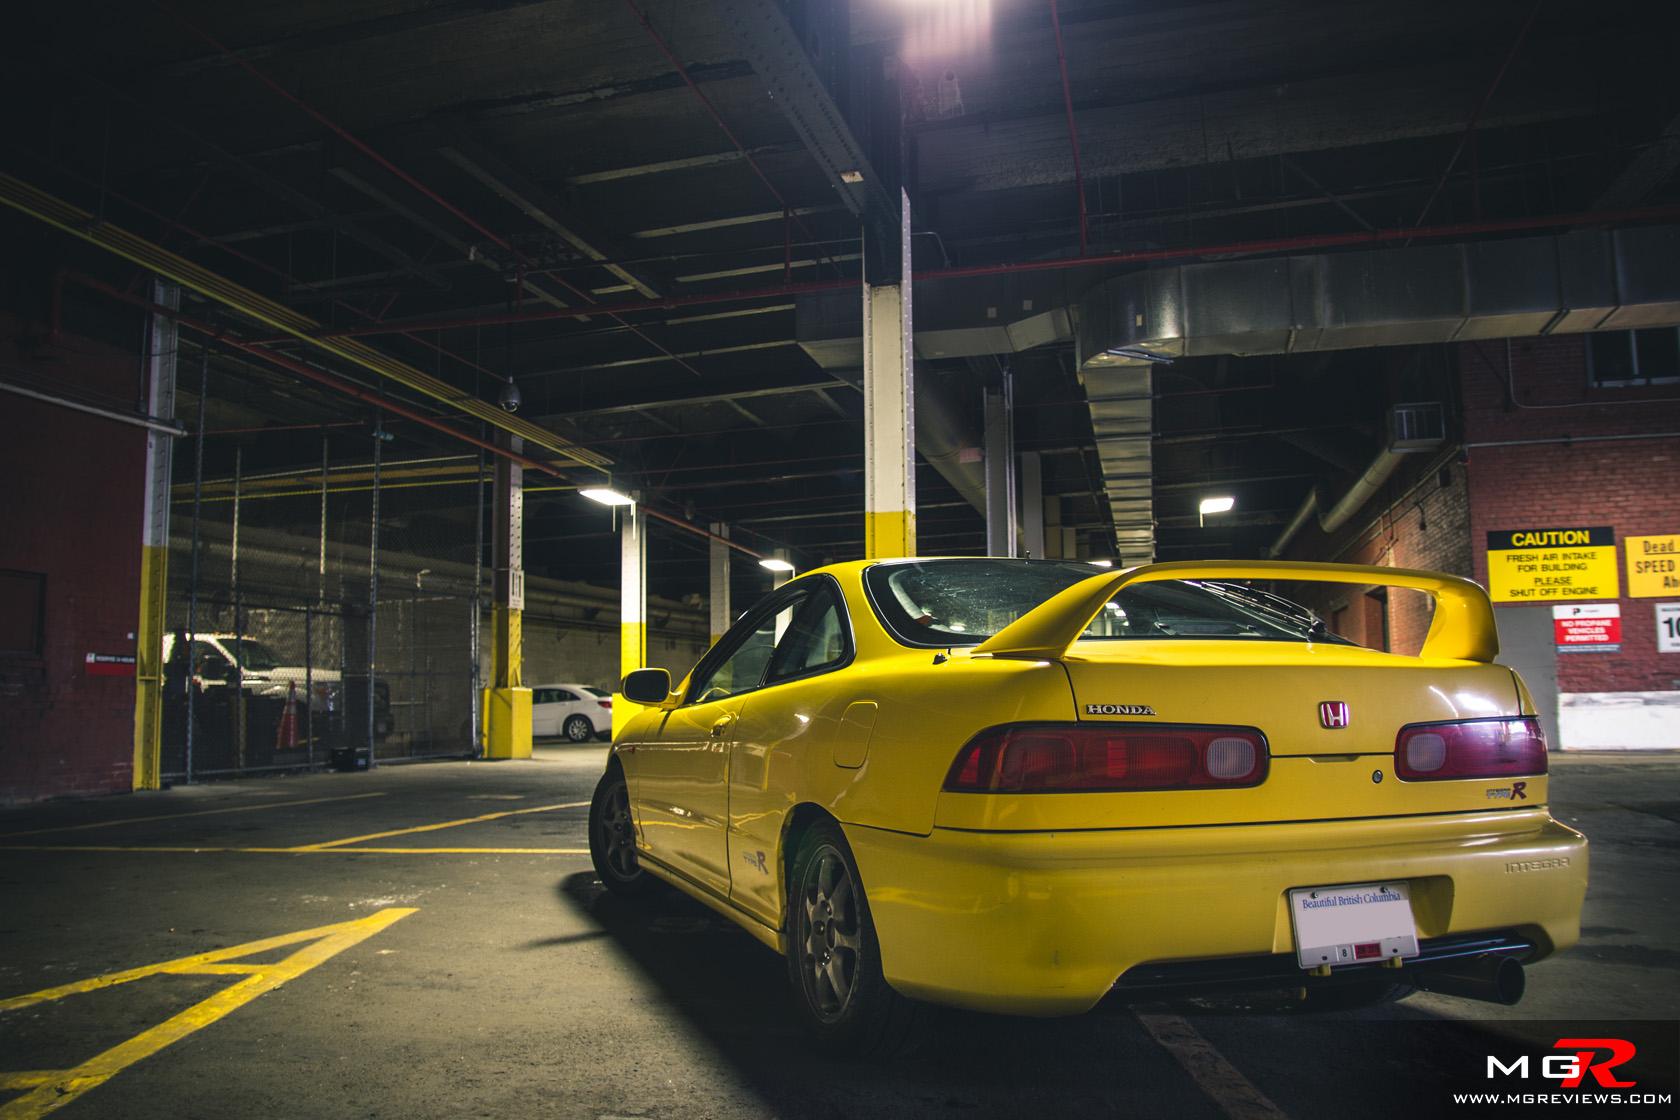 Review: 2000 Honda Integra Type-R (Modified) – M G Reviews